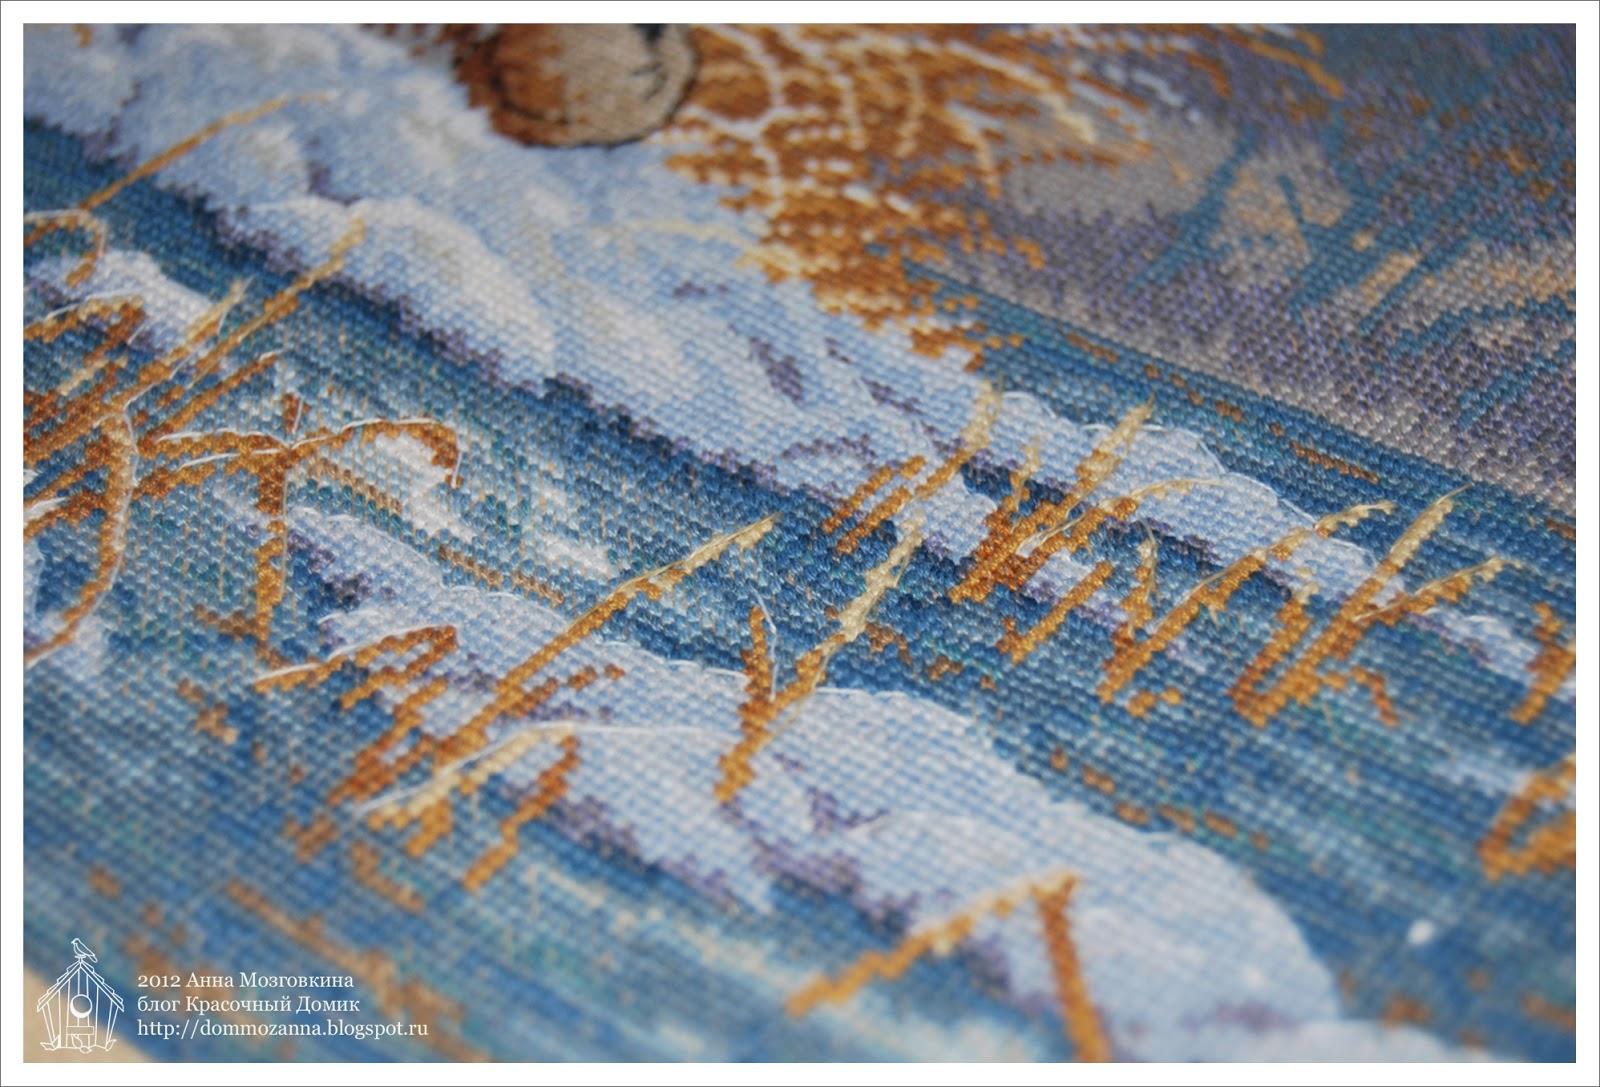 зимний перелет вышивка крестом